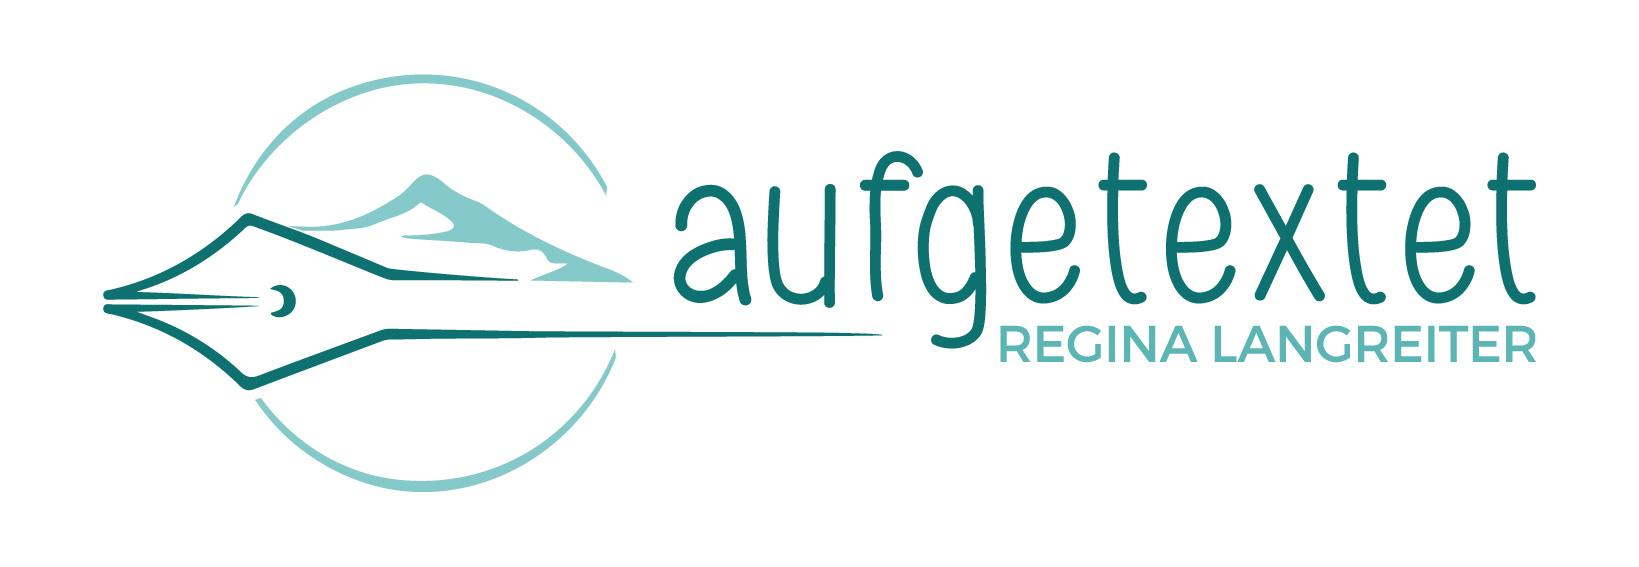 Freie Texterin für alpinen Lifestyle & Tourismus | Regina Langreiter aus Salzburg